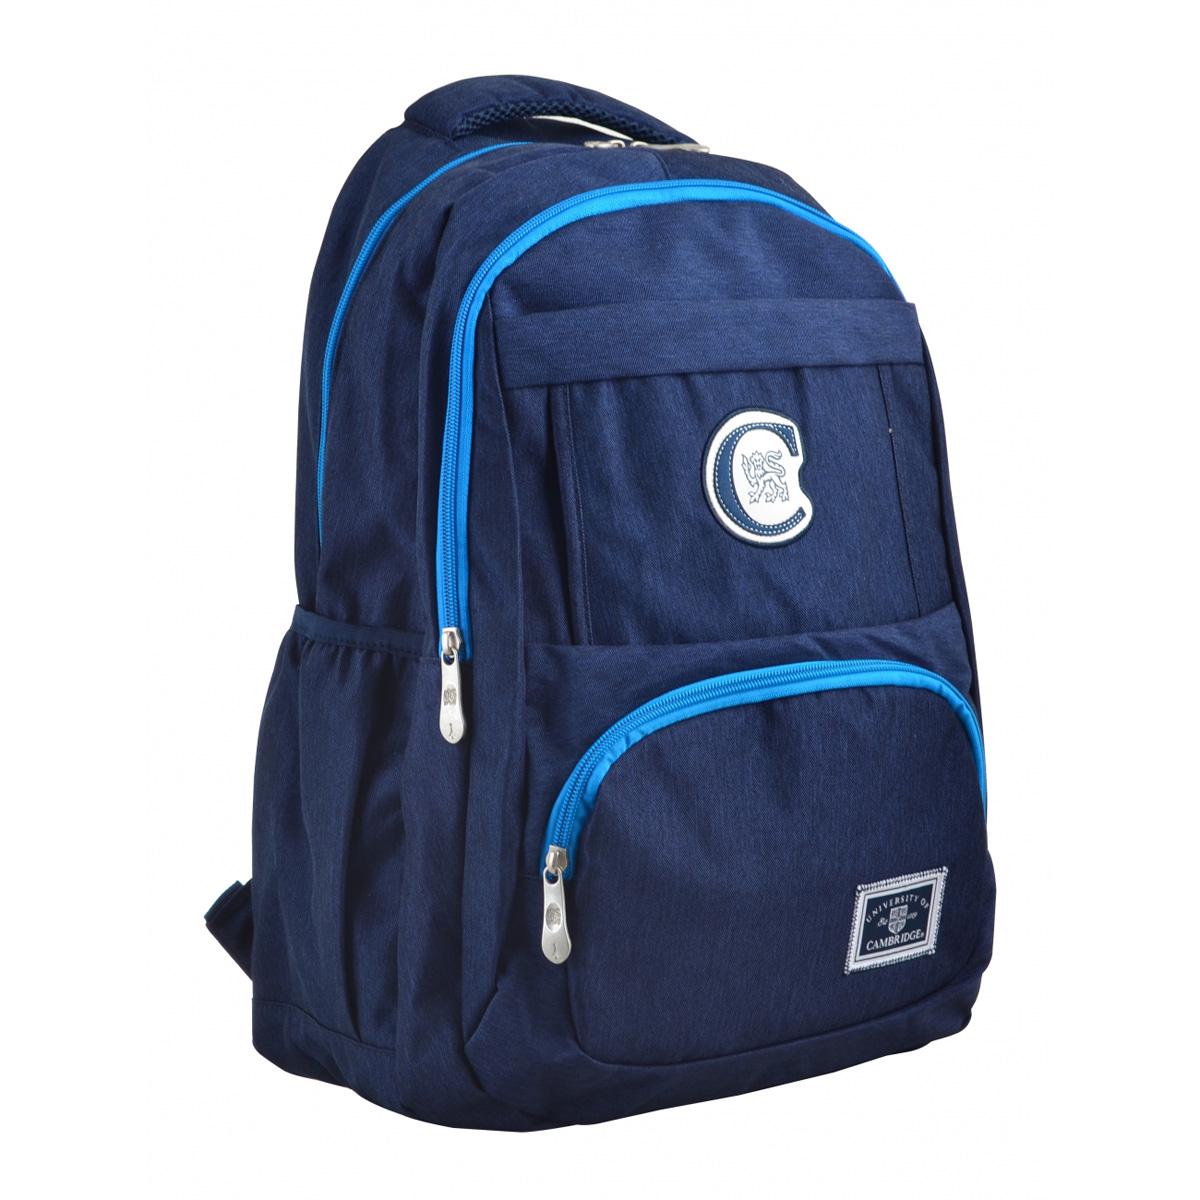 Рюкзак молодежный CA 151, 48х30х15, синий